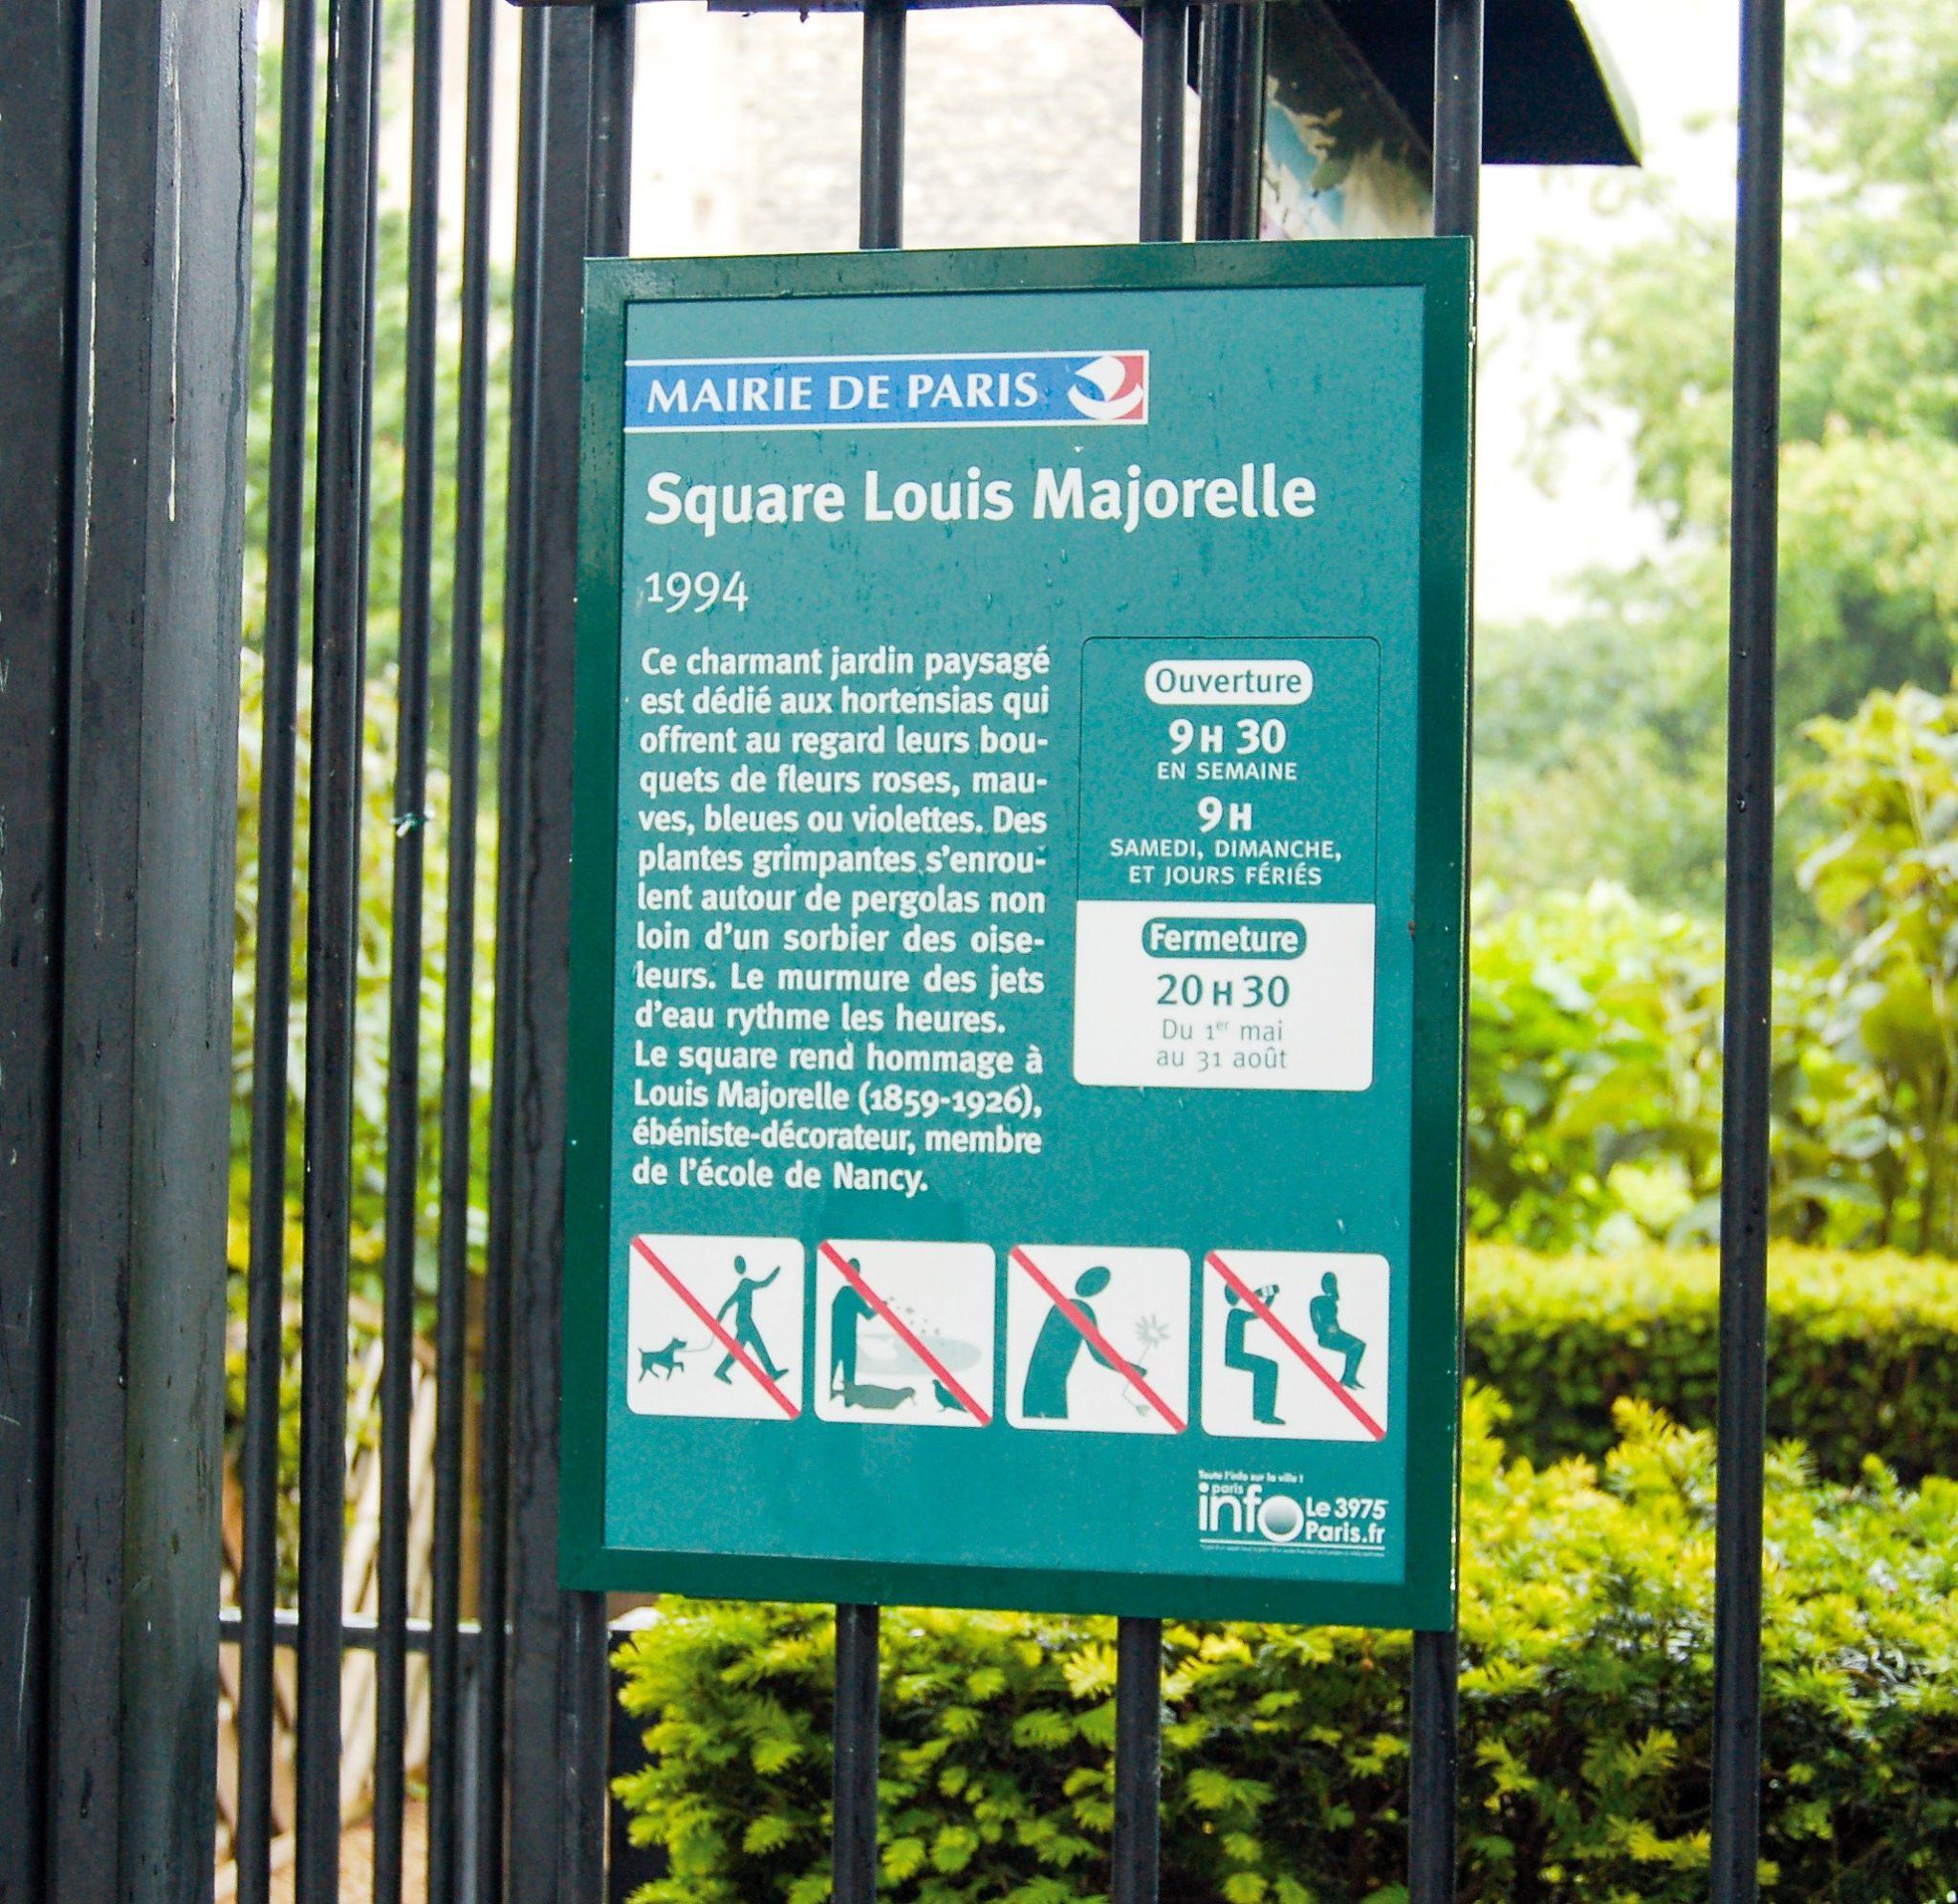 Signaletique touristique la Mairie de Paris